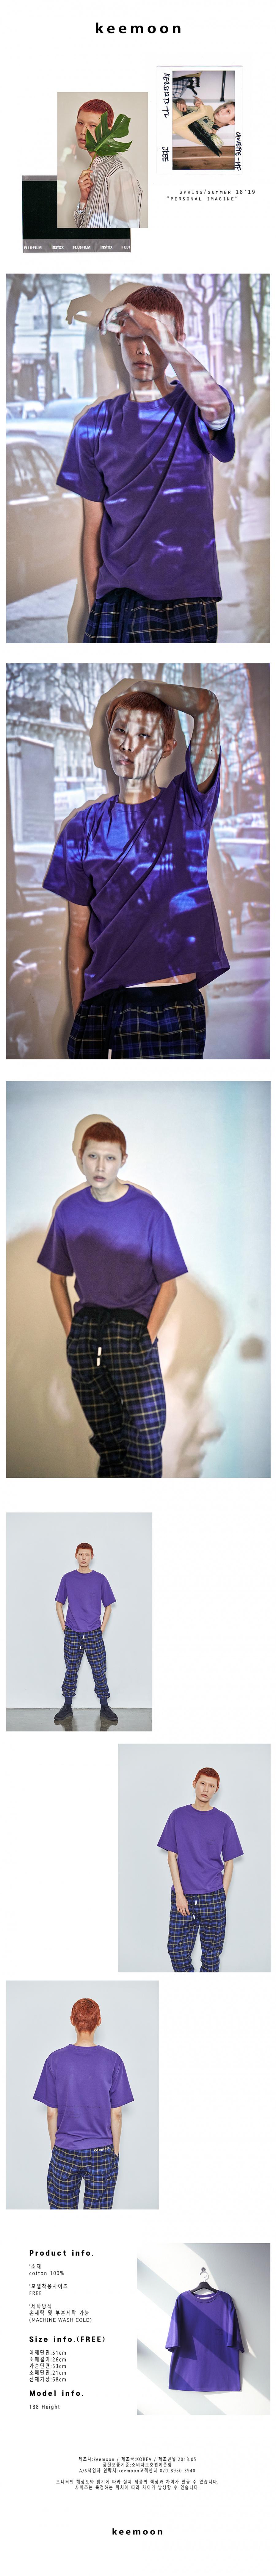 키믄(KEEMOON) 스테판 반팔티셔츠 (purple)